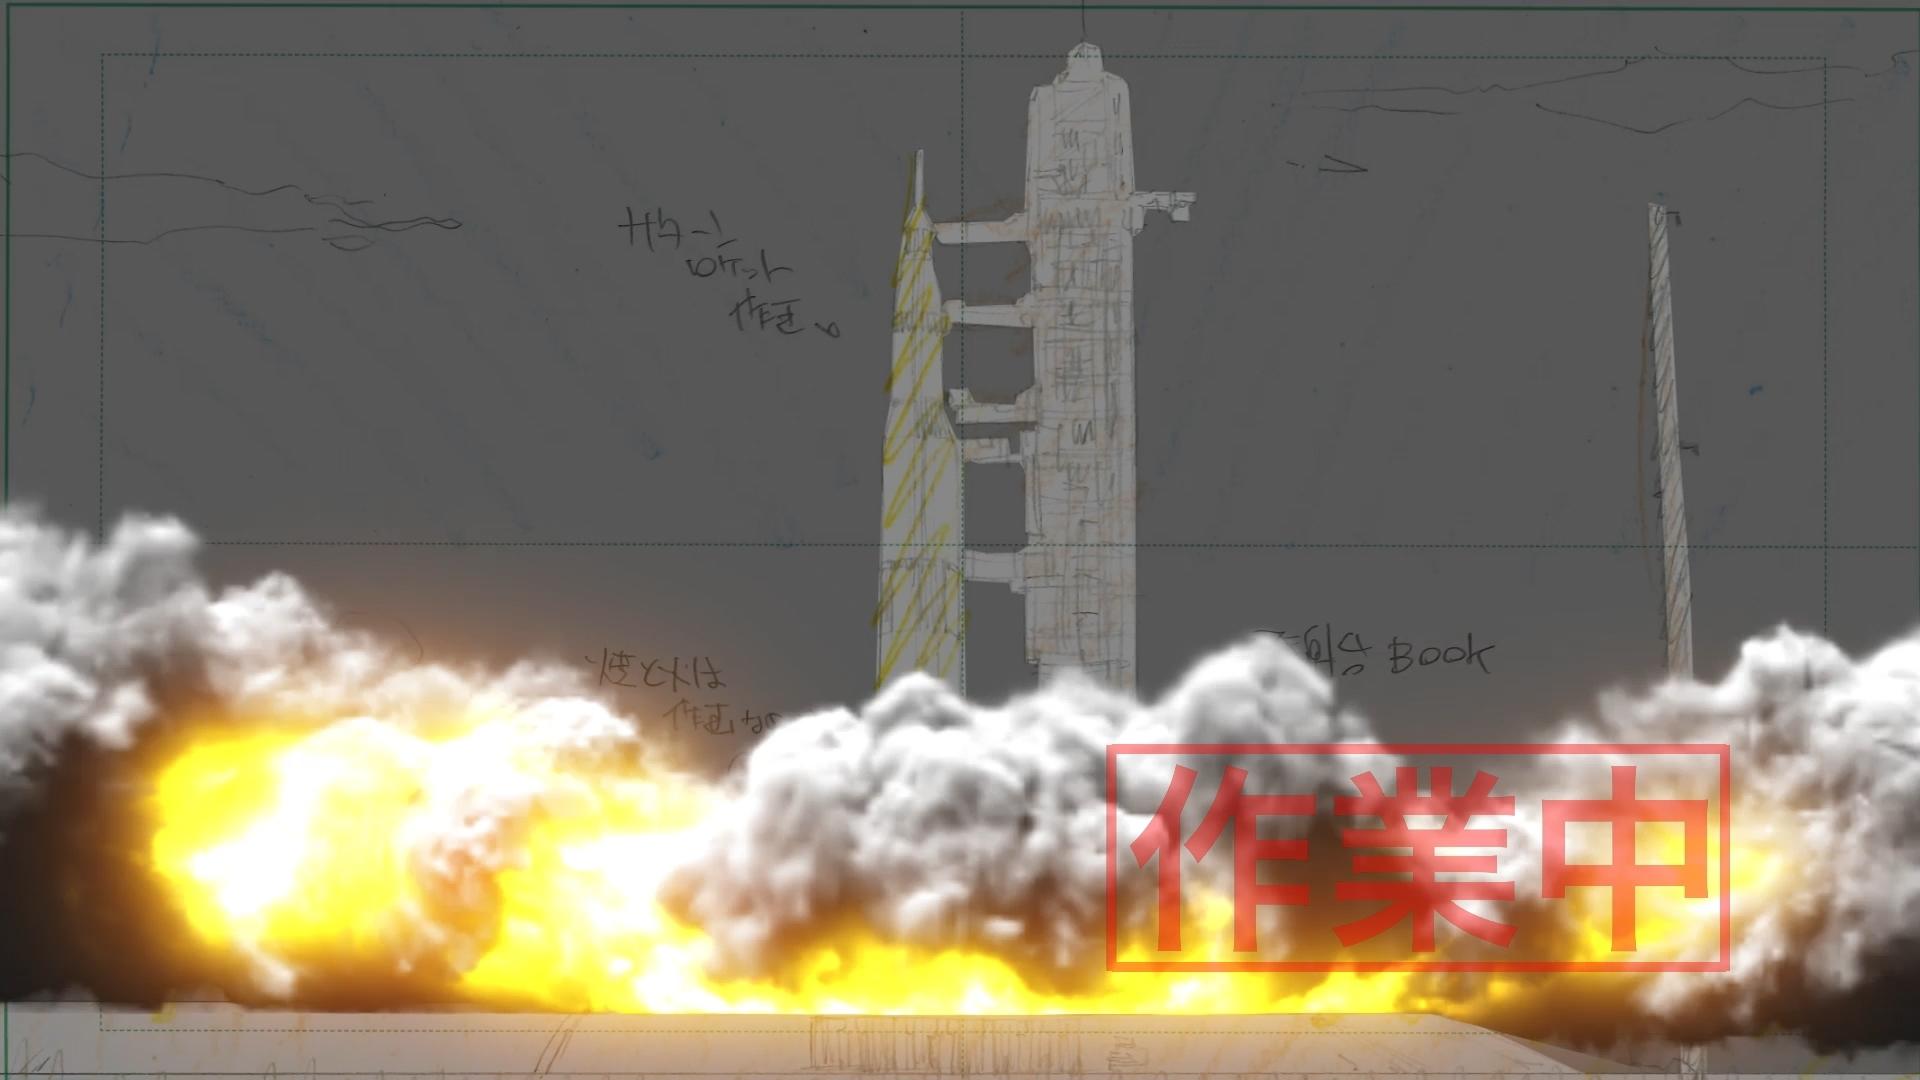 特報場面写真 (C)西﨑義展/宇宙戦艦ヤマト2202製作委員会